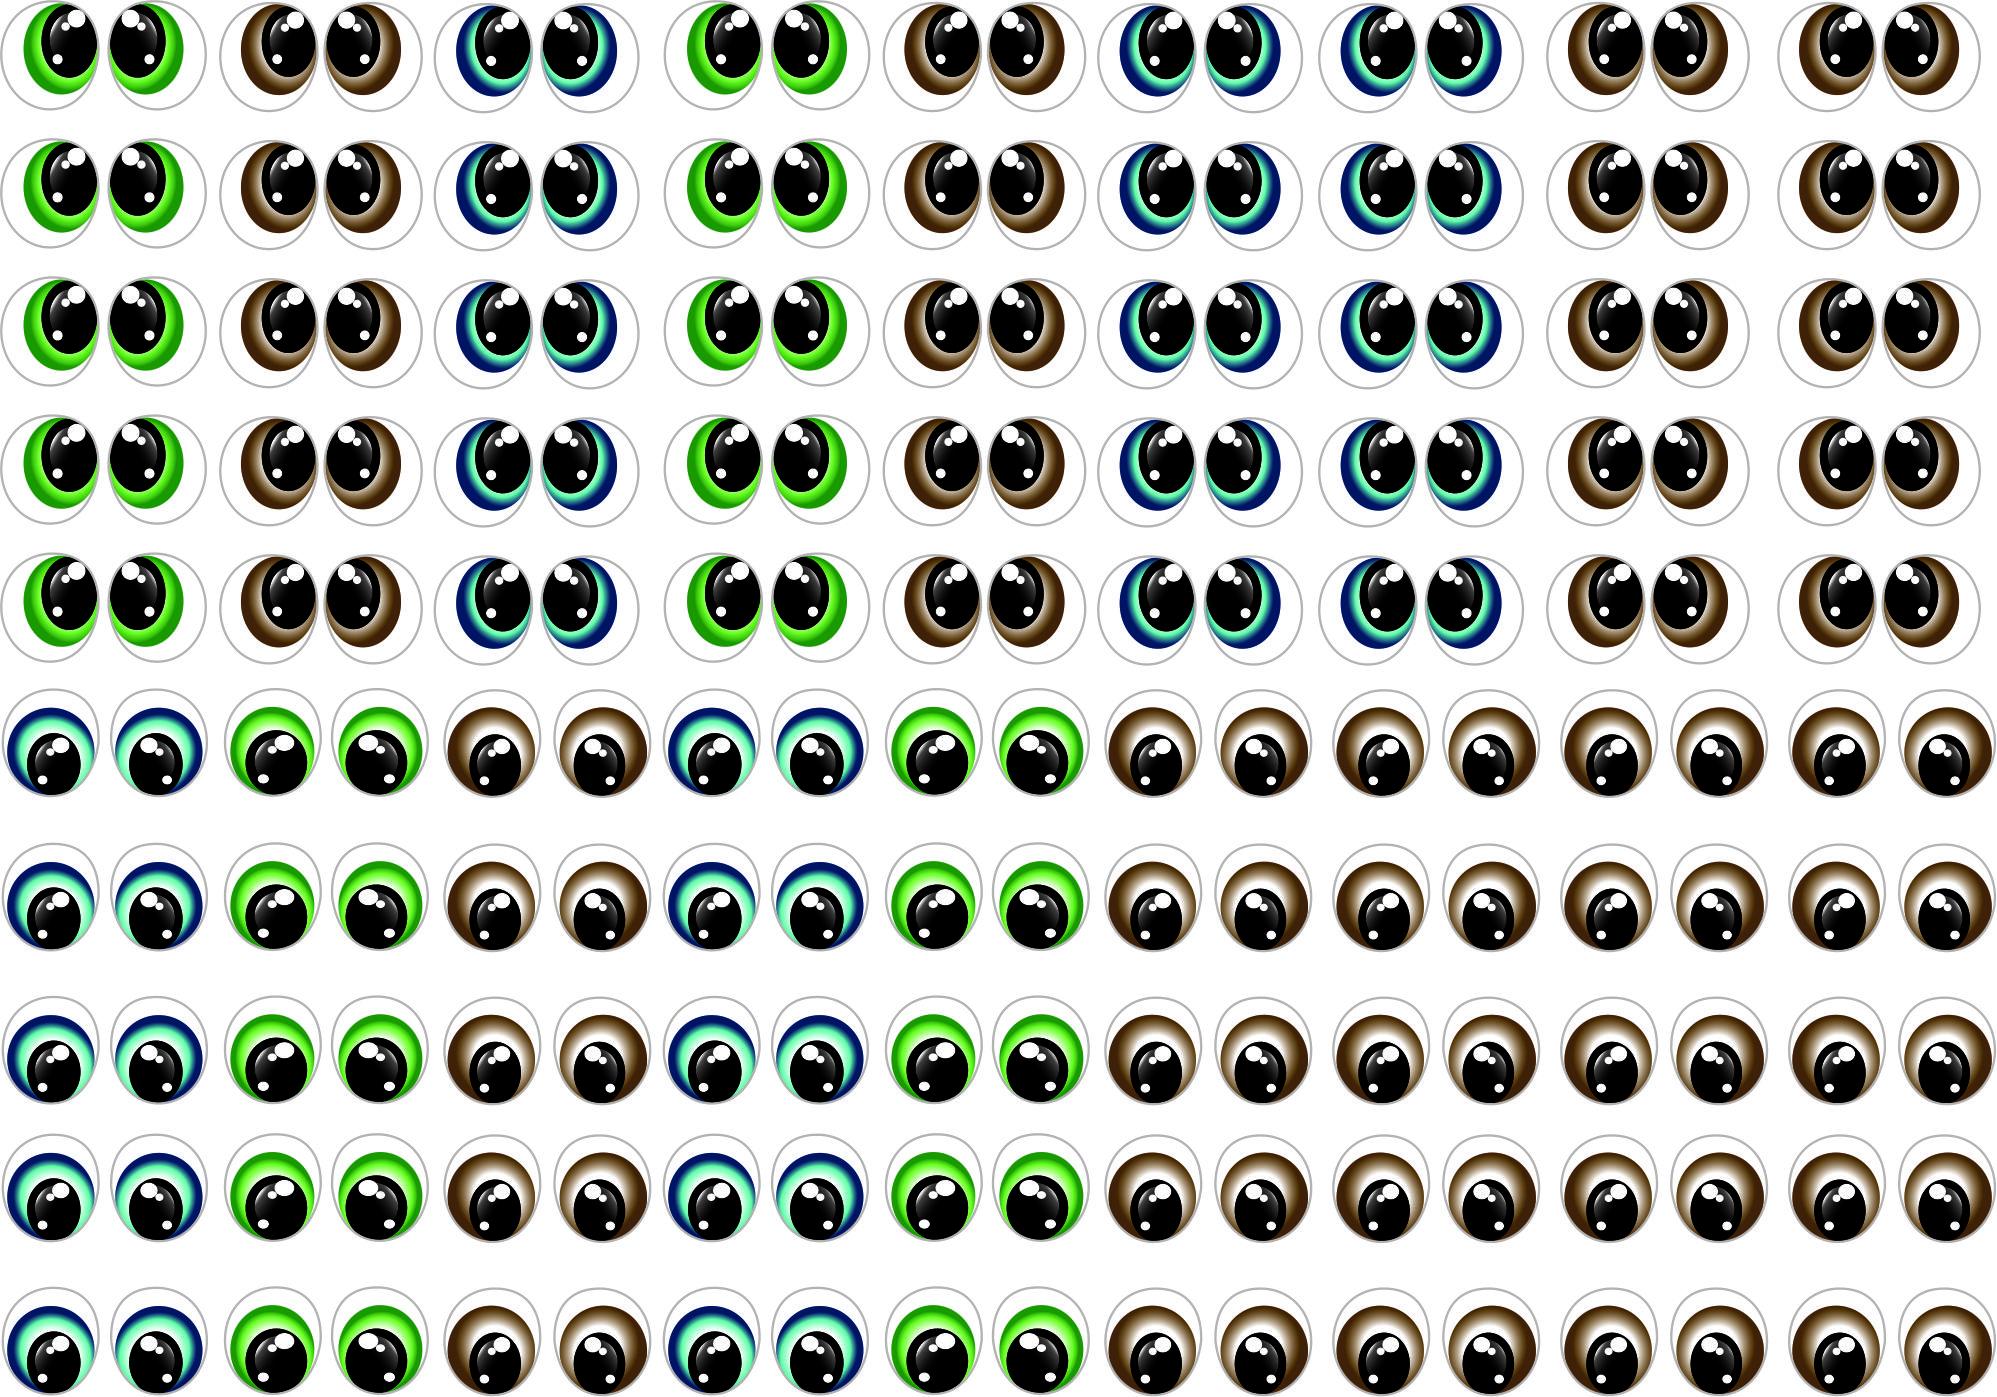 Como Fala Aparador Em Ingles ~ Adesivos de olhos cod 341 P Monicarts Elo7